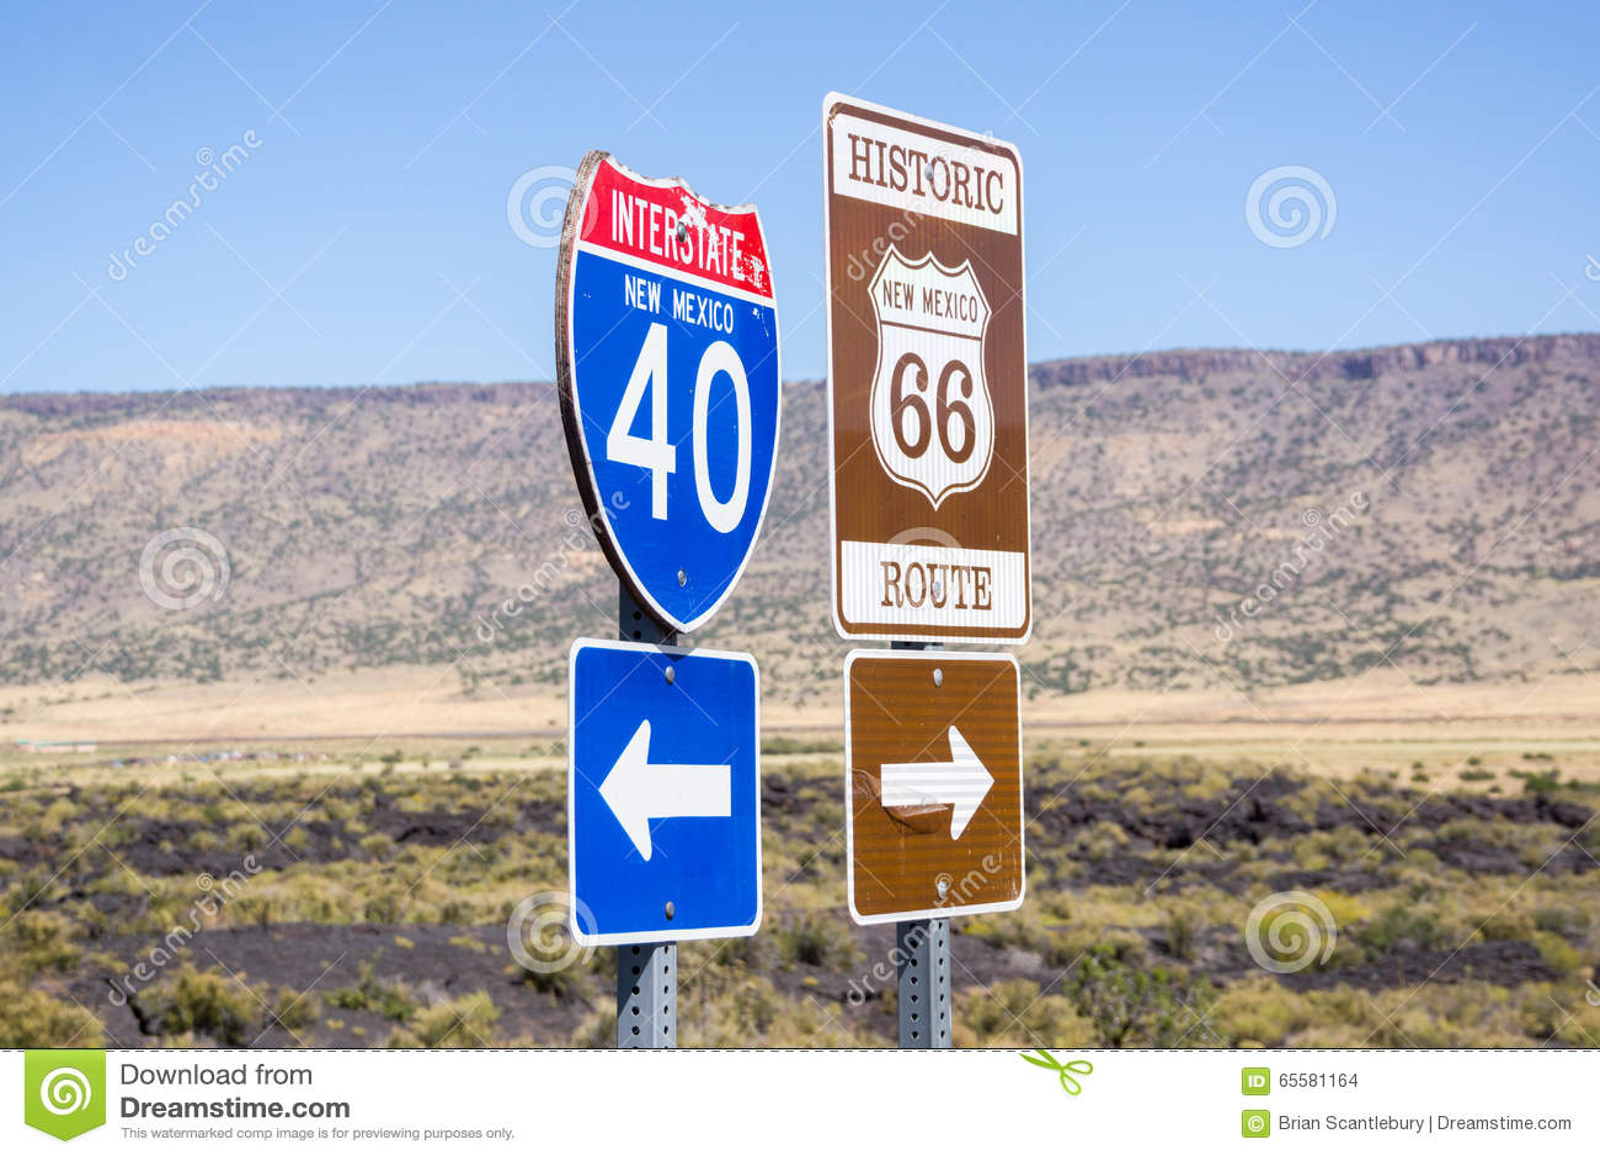 I40 de um estado a outro e Route 66 combinaram o sinal New mexico, EUA